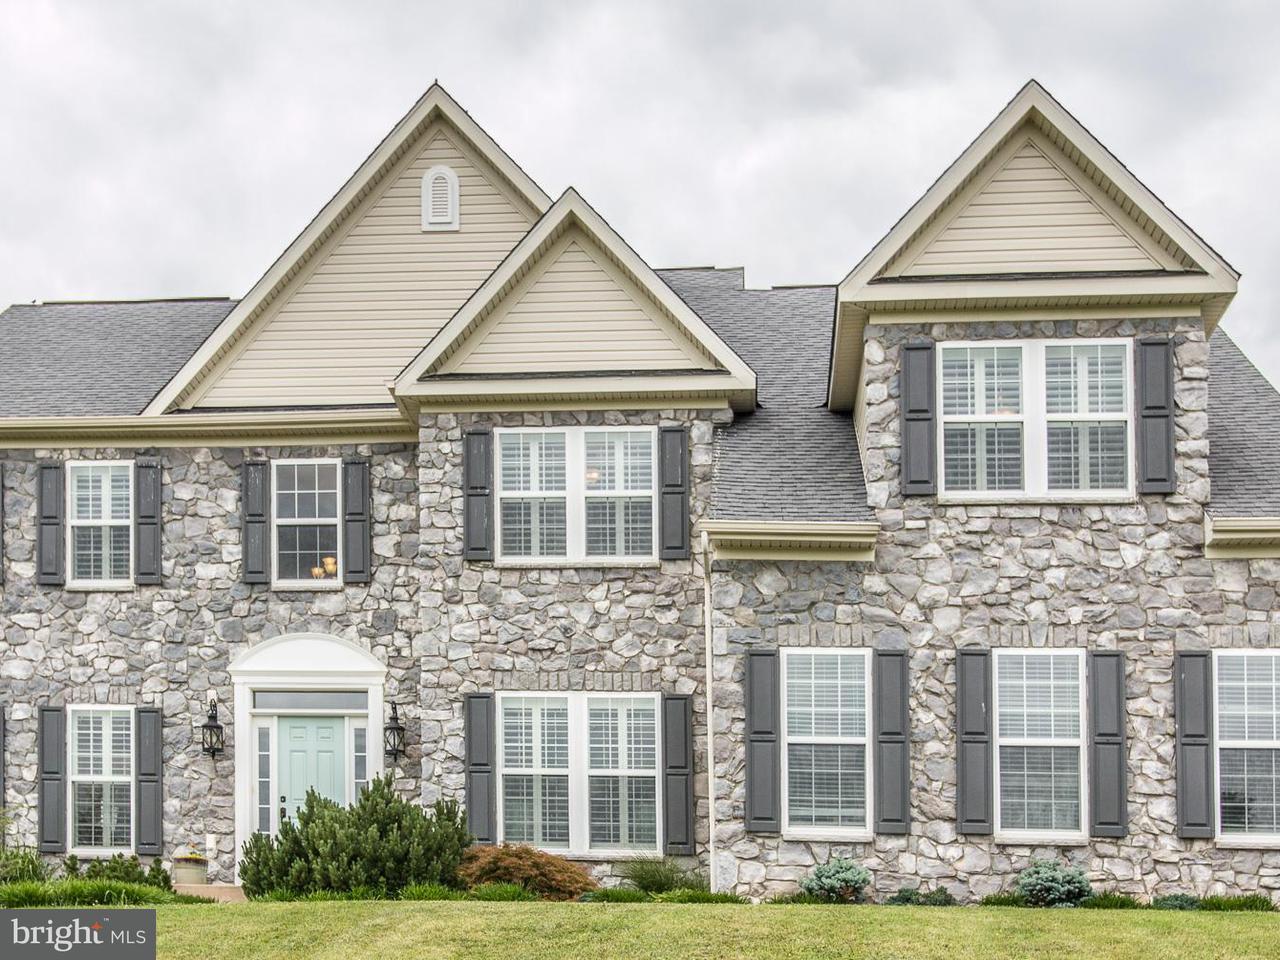 独户住宅 为 销售 在 25 Planters Street 25 Planters Street Hedgesville, 西弗吉尼亚州 25427 美国